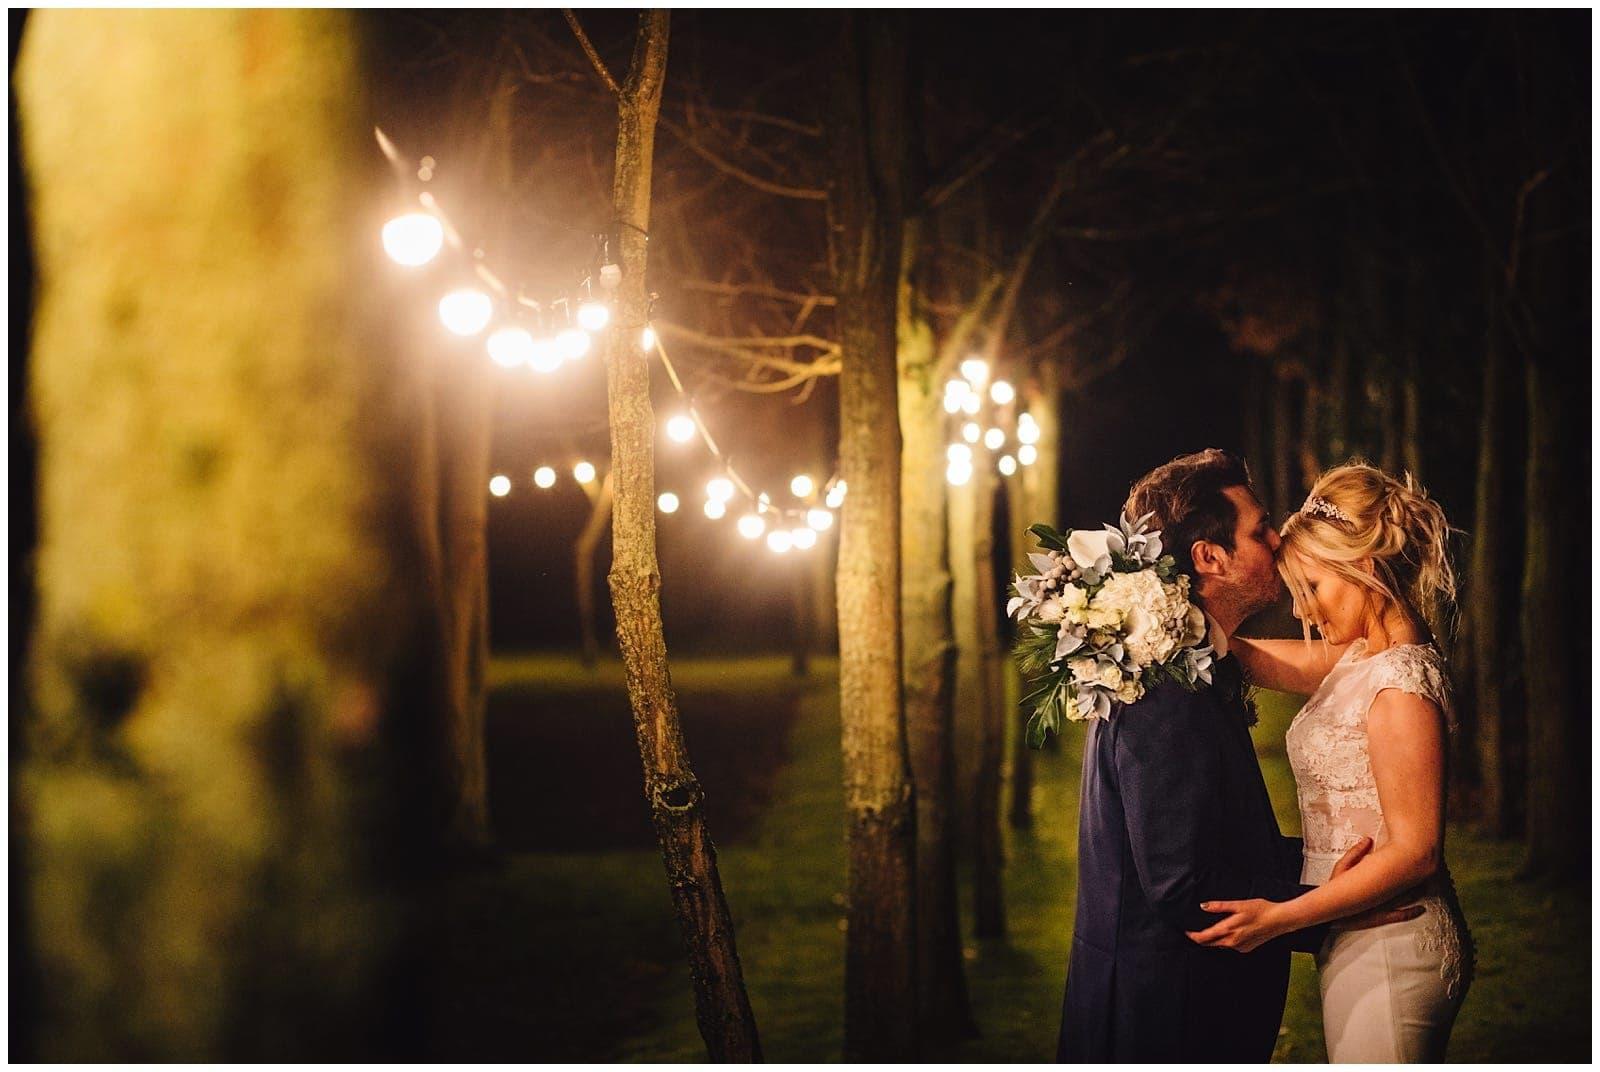 SHUSTOKE BARNS WEDDING PHOTOGRAPHER